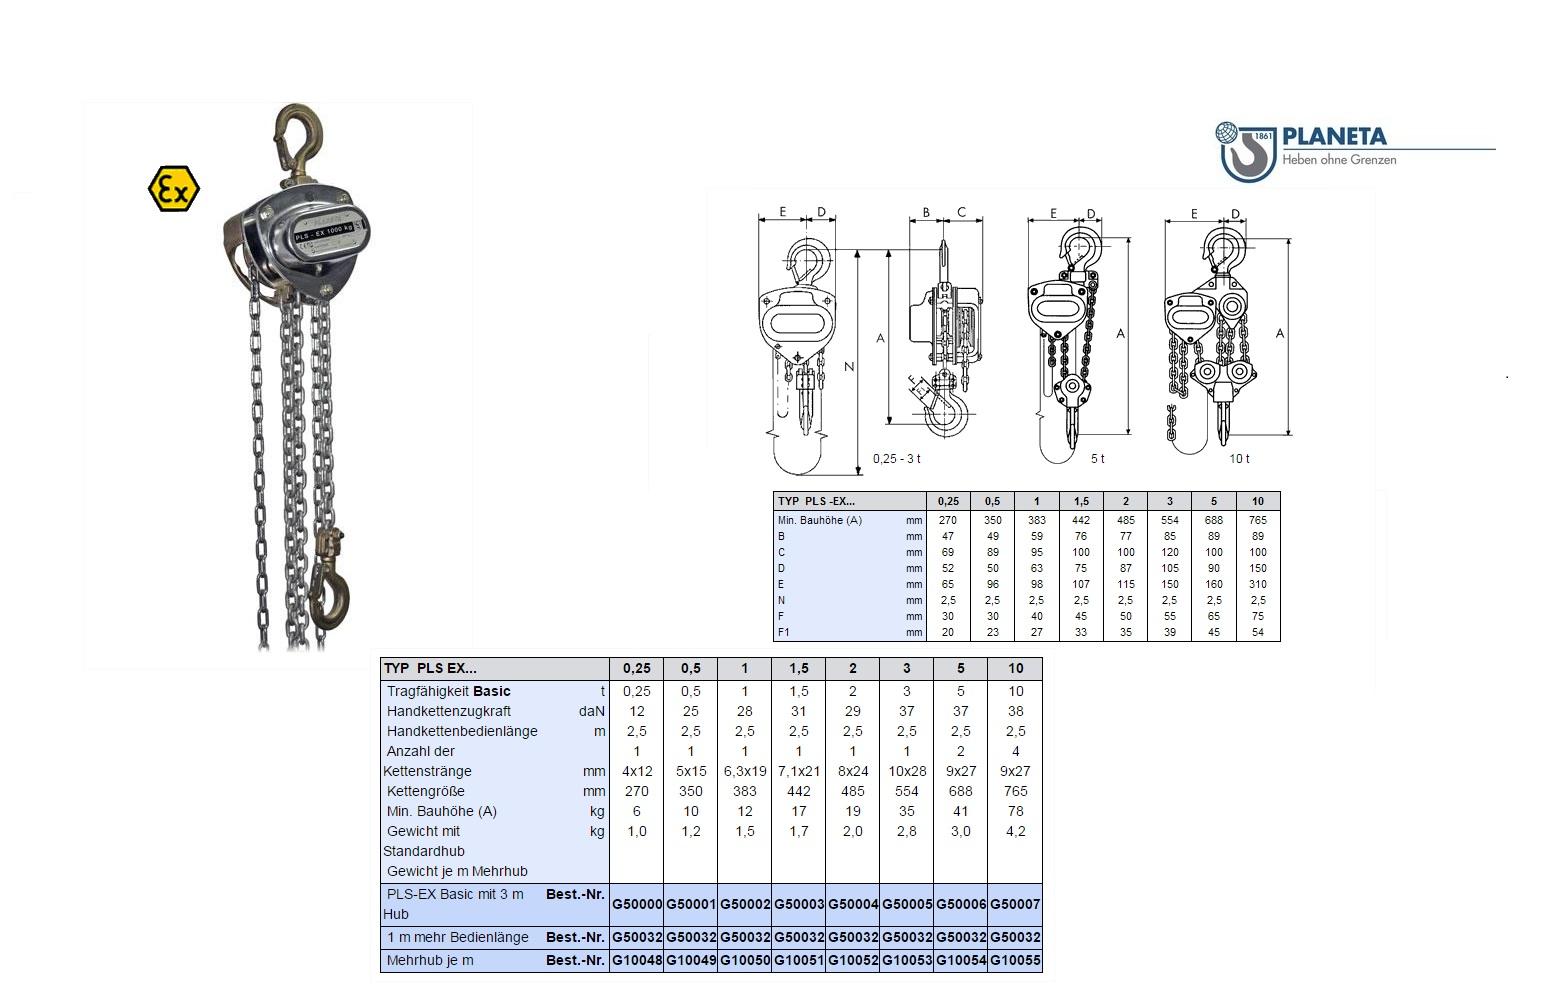 Ketting Takel PLS Premium Pro EX Basic 0,25 T Planeta G10360